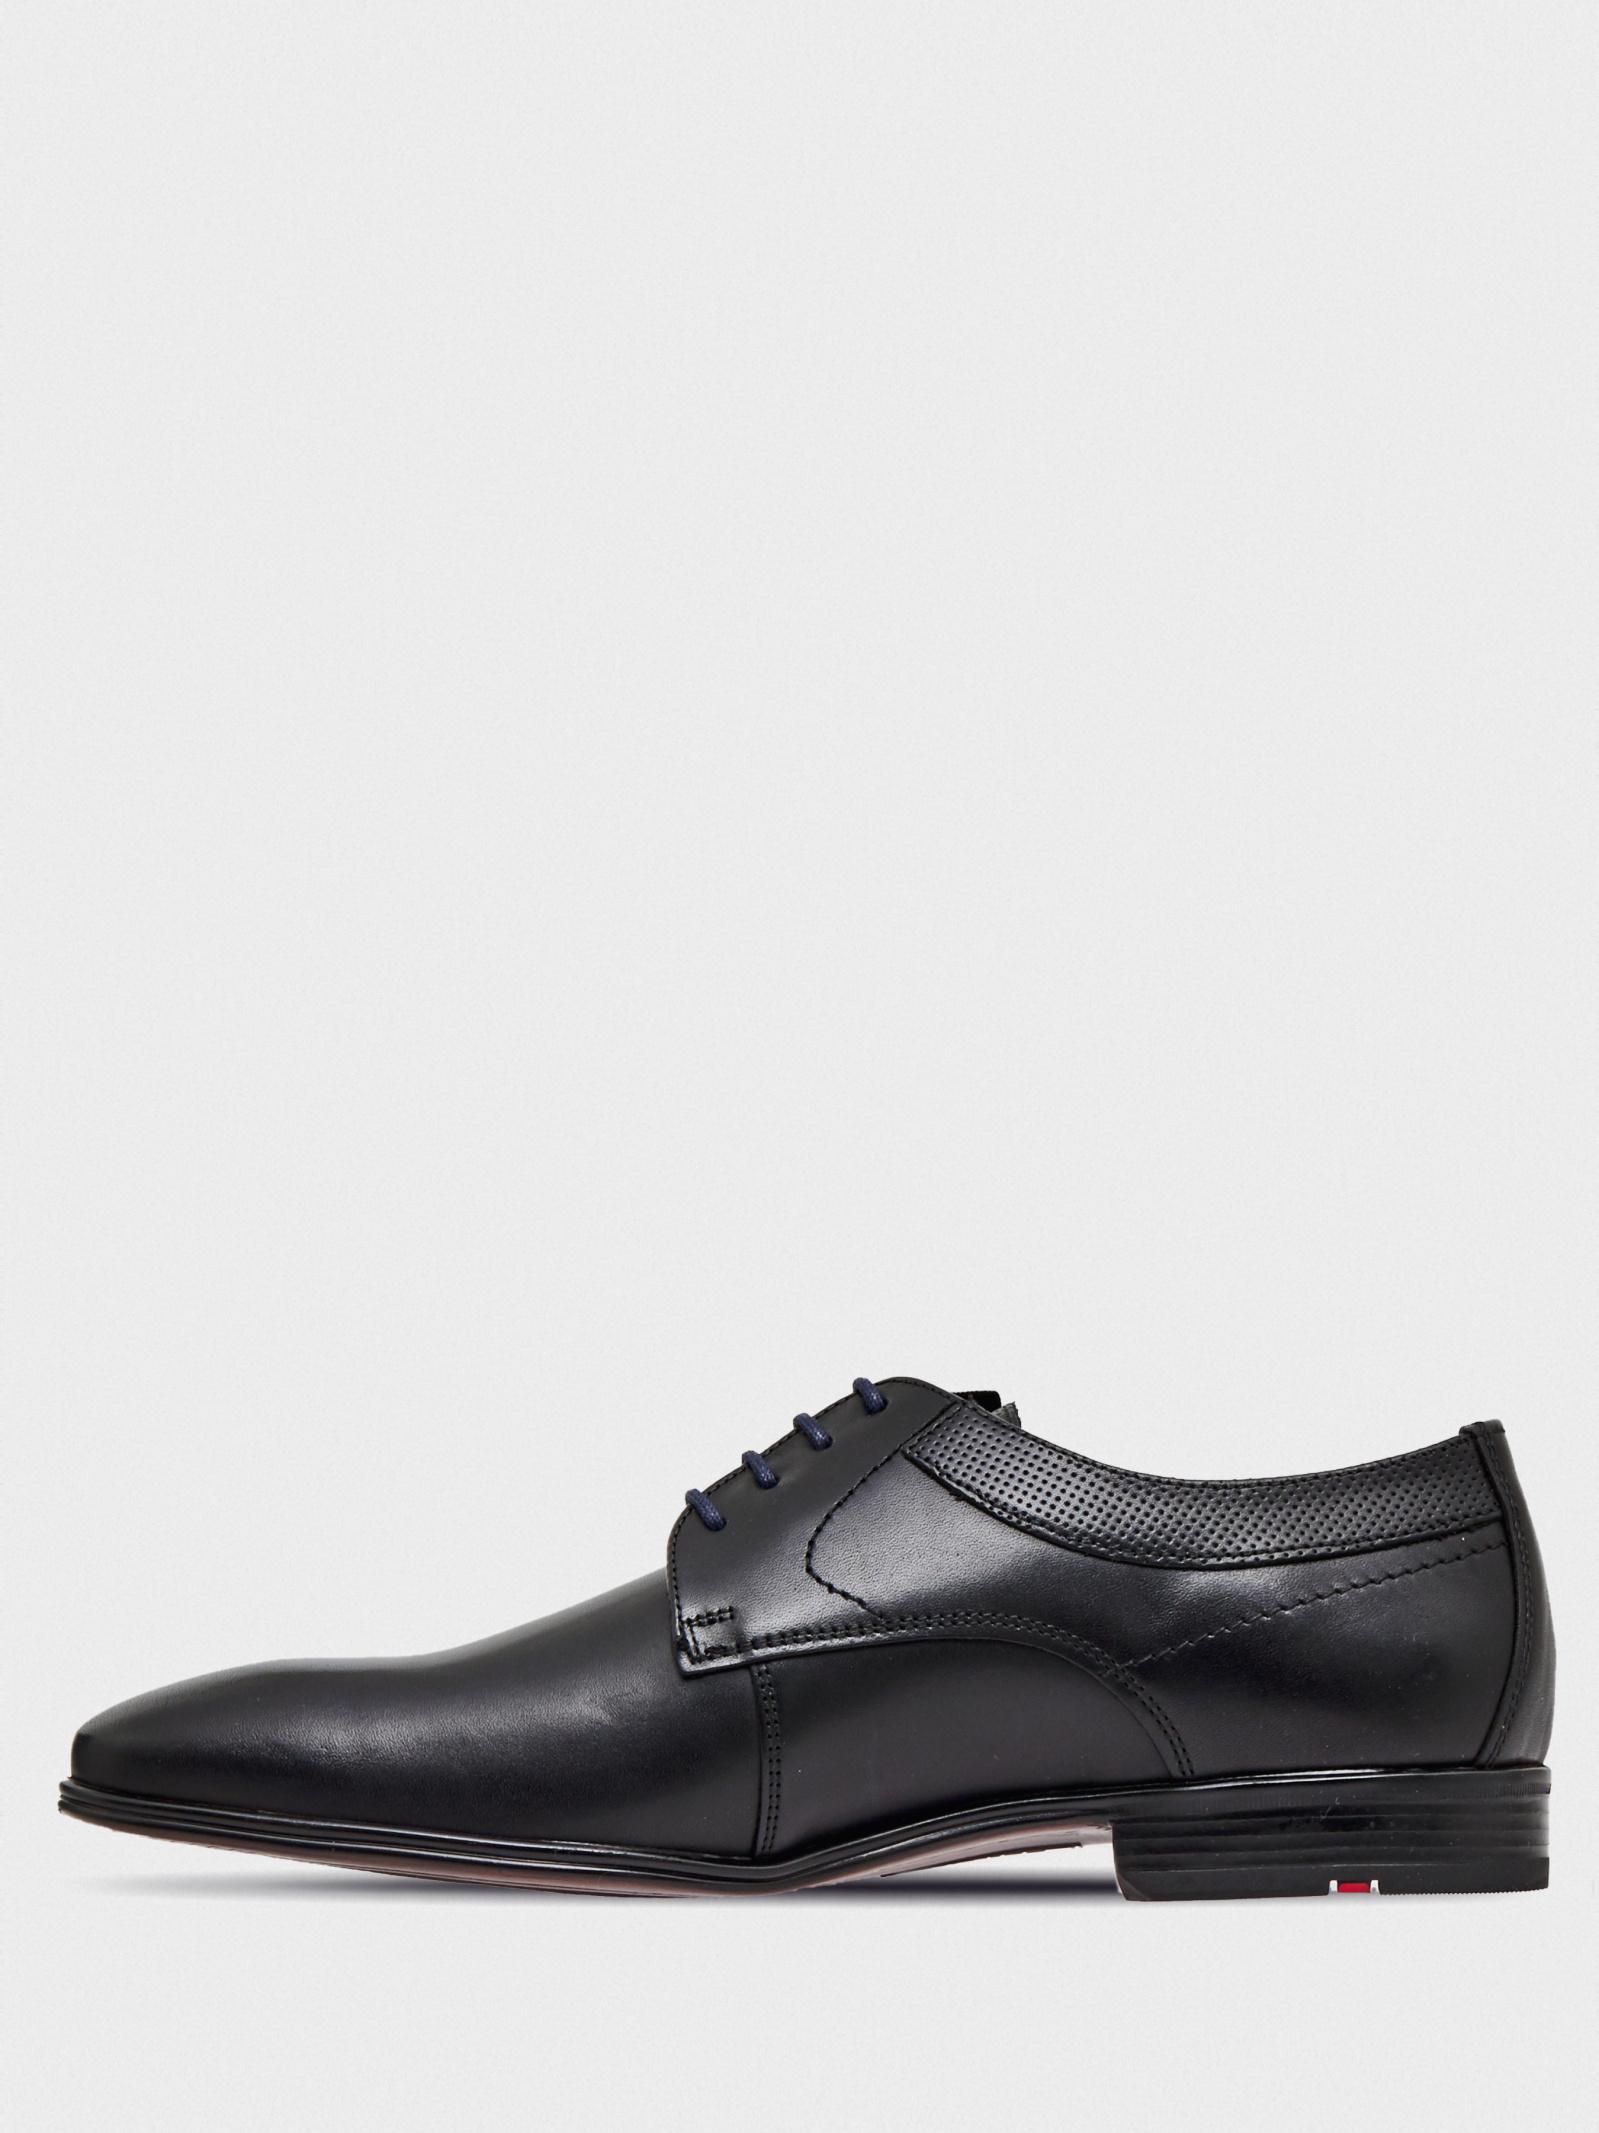 Туфлі  для чоловіків Lloyd 10-136-10 10-136-10 дивитися, 2017